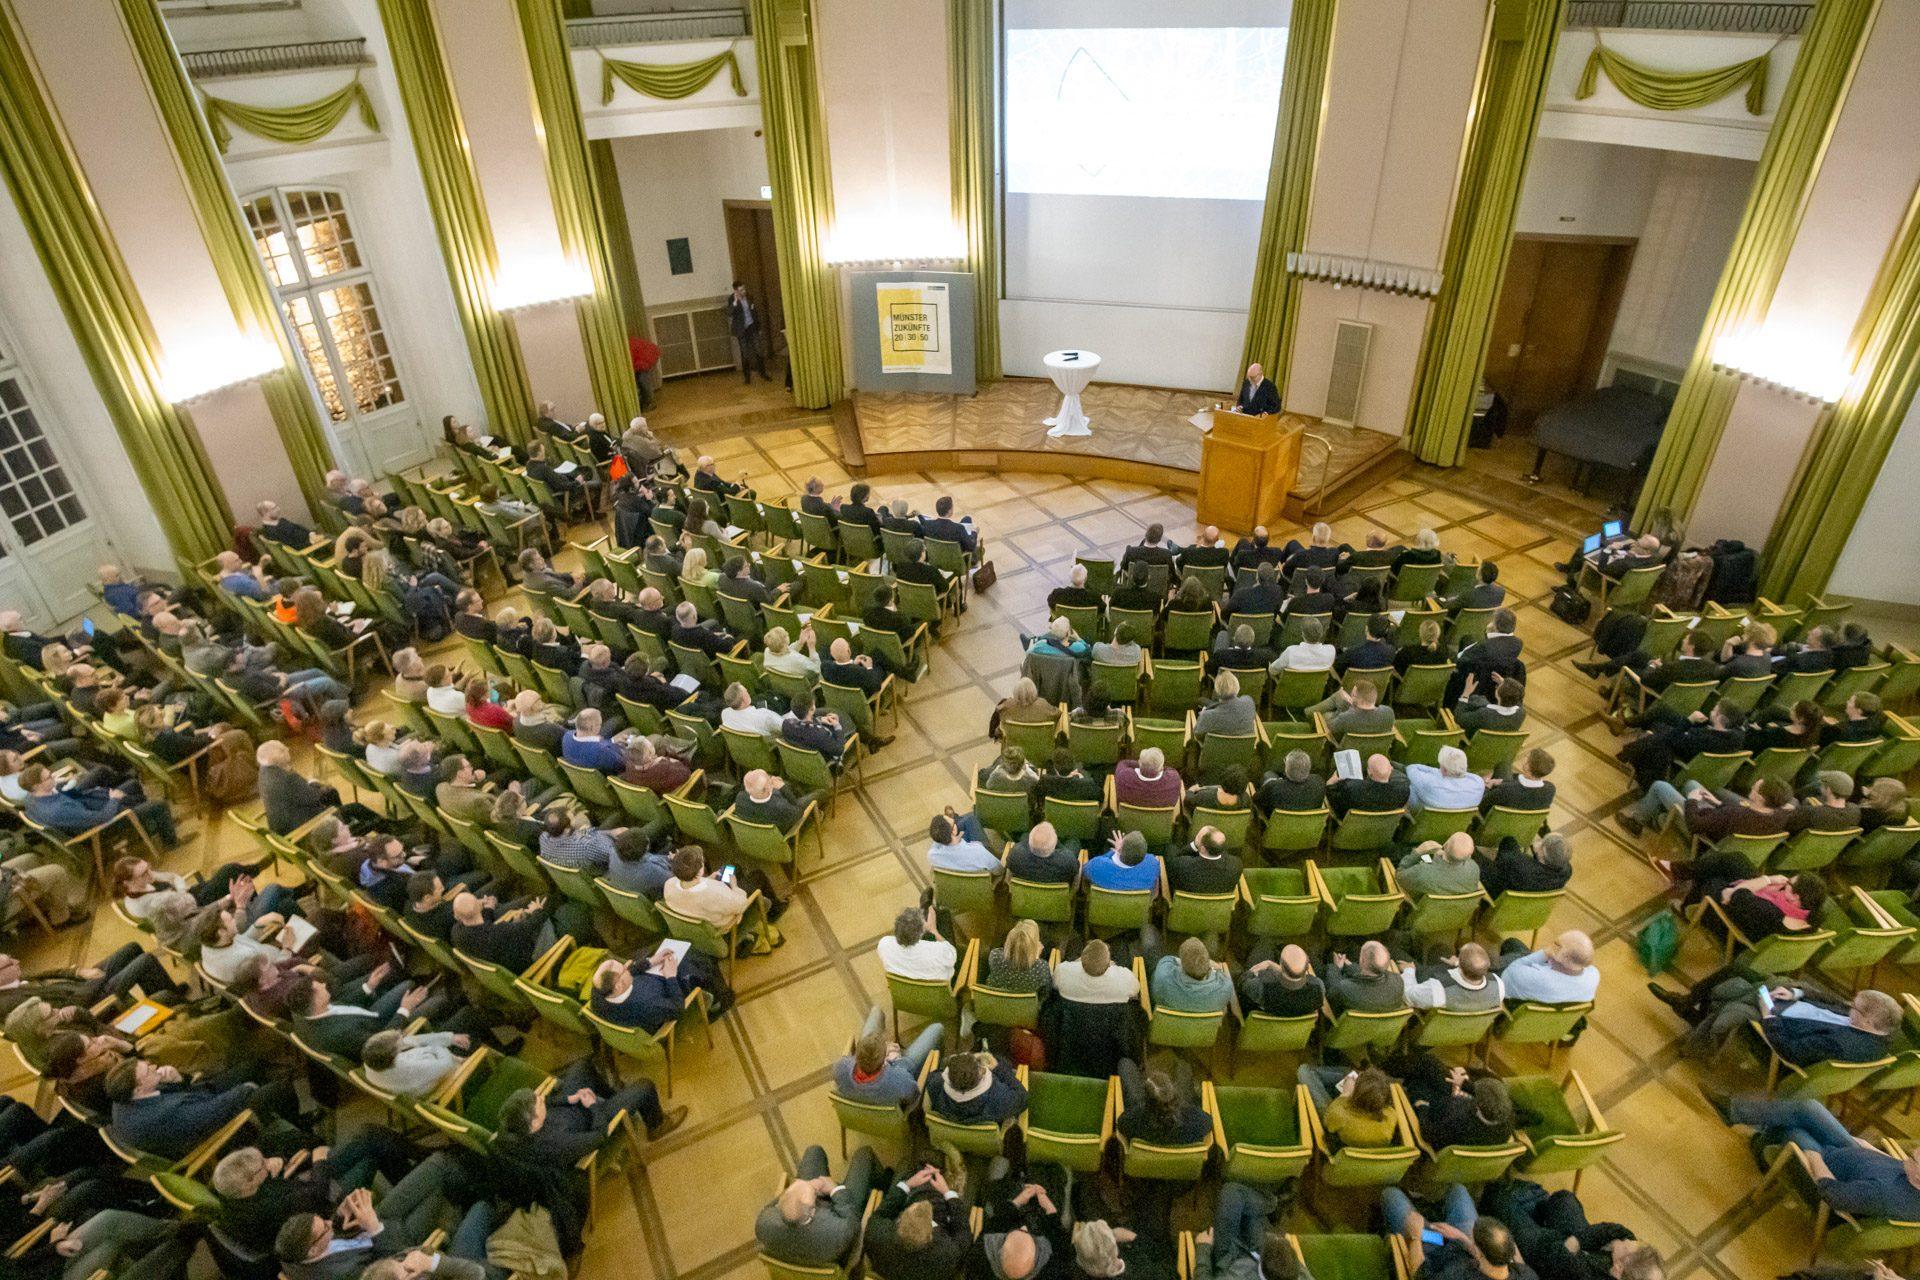 Der Musik-Campus als Teil der Stadtentwicklung. Präsenation in der Aula des Schlosses am 15.1.2020, Foto: Jörg Kersten